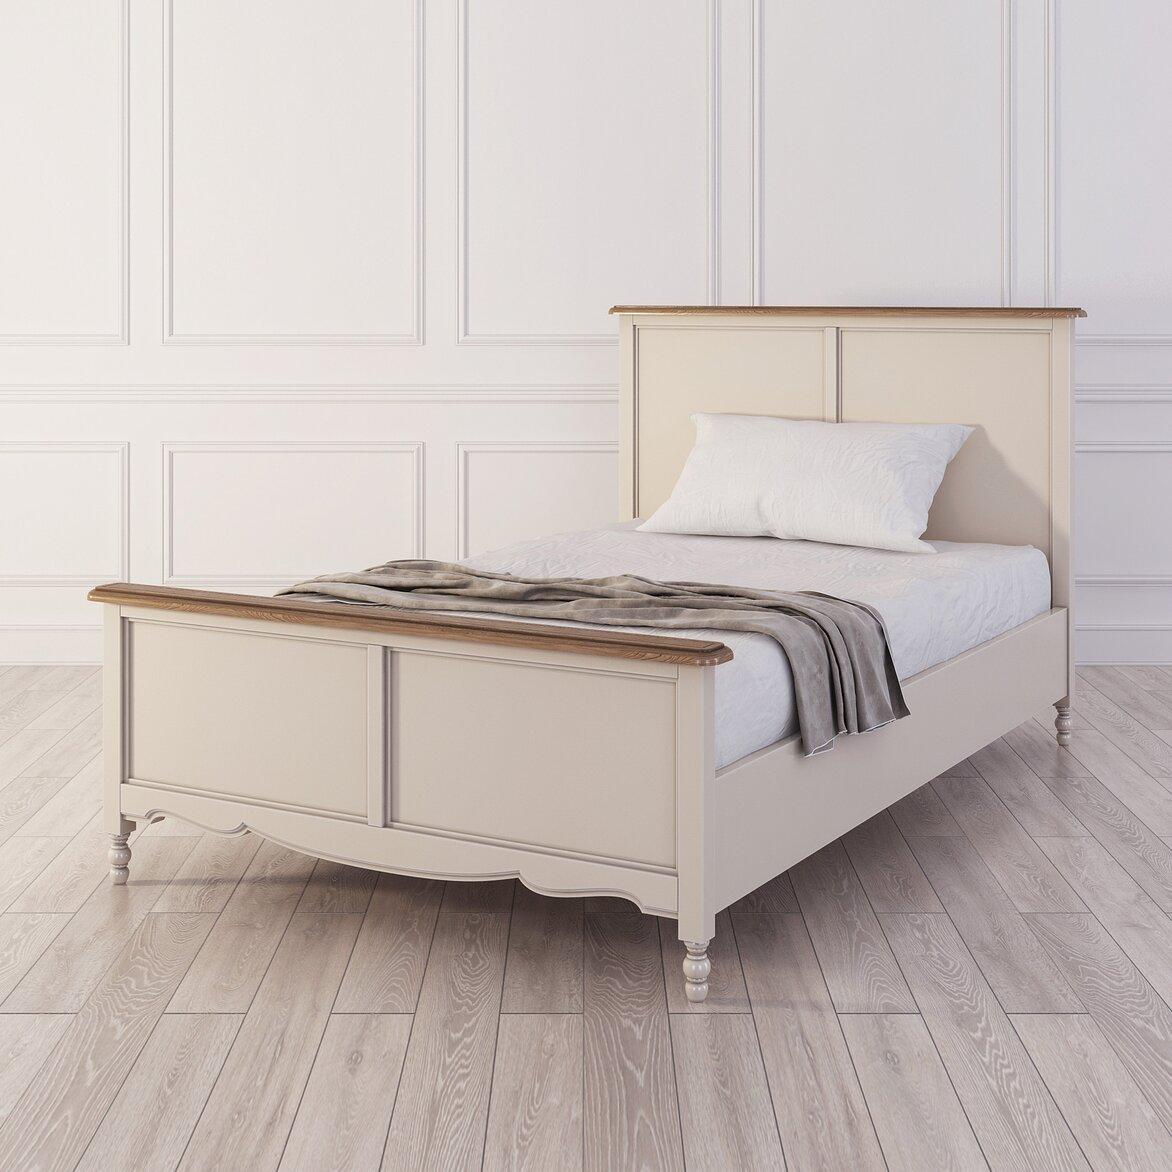 Кровать односпальная 120*200 Leblanc, бежевая (полуоборот)